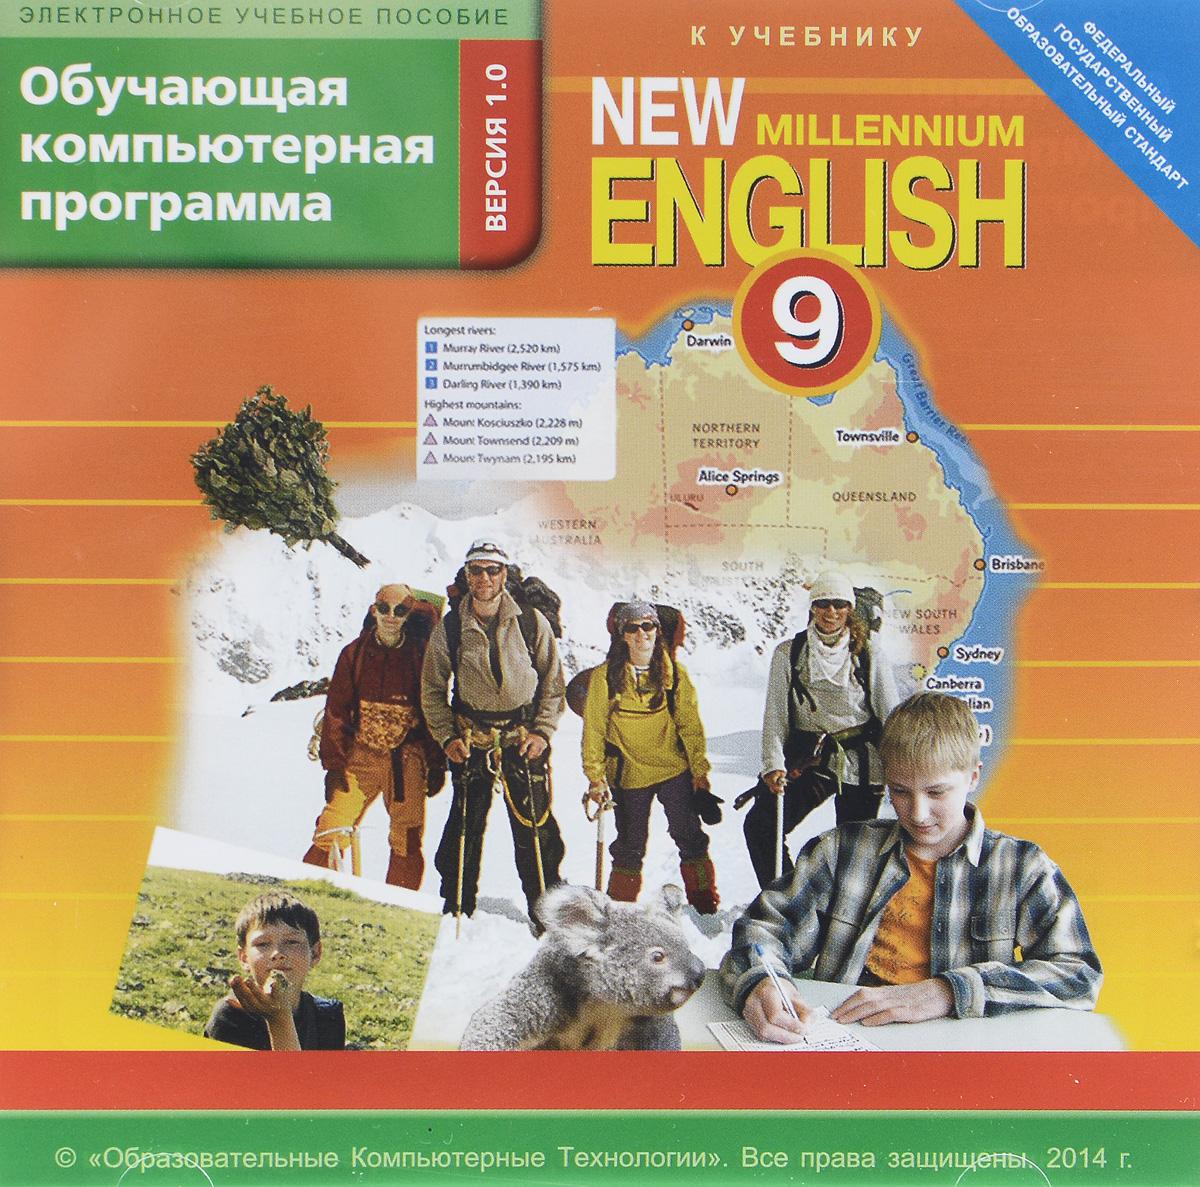 New Millennium English 9 / Английский язык нового тысячелетия. класс. Обучающая компьютерная программа